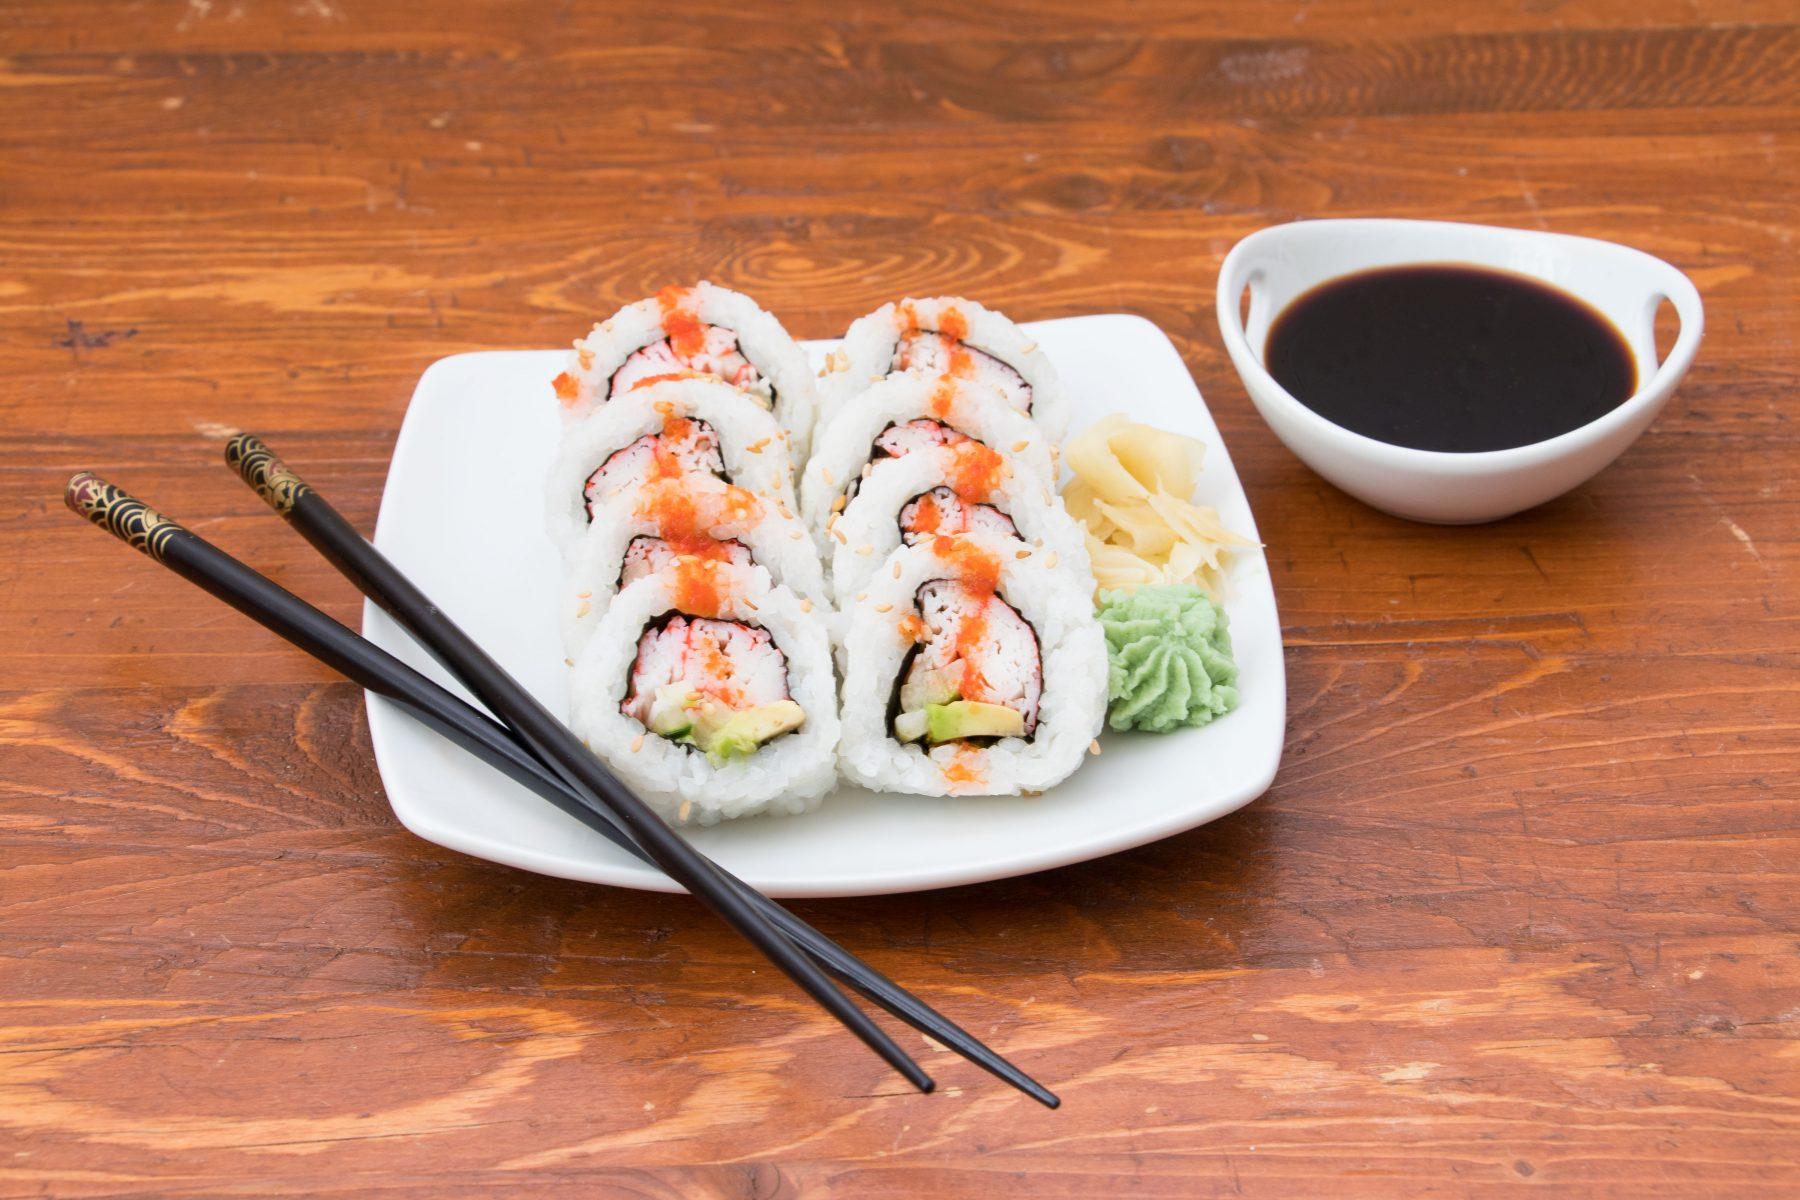 Scorpion blood sushi